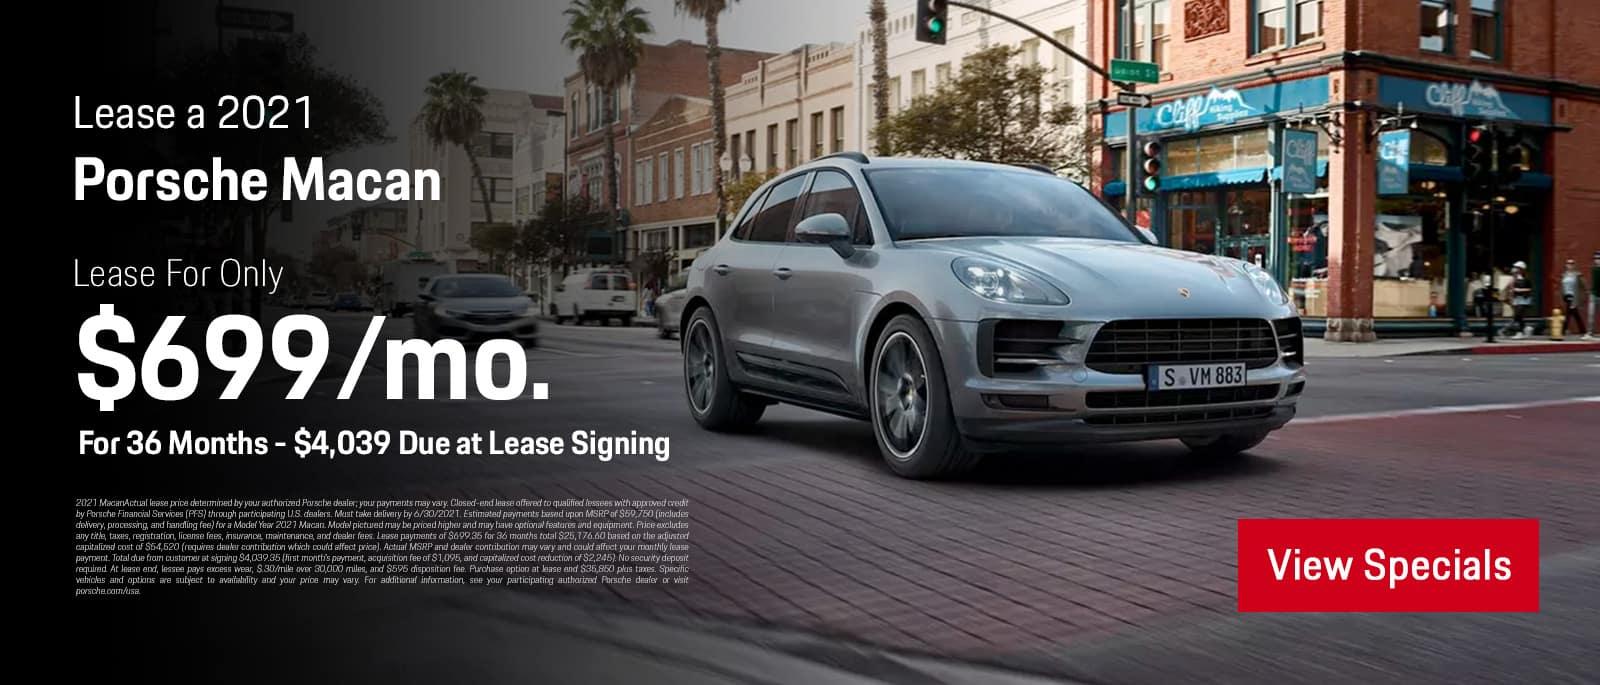 2021 Porsche Macan Special